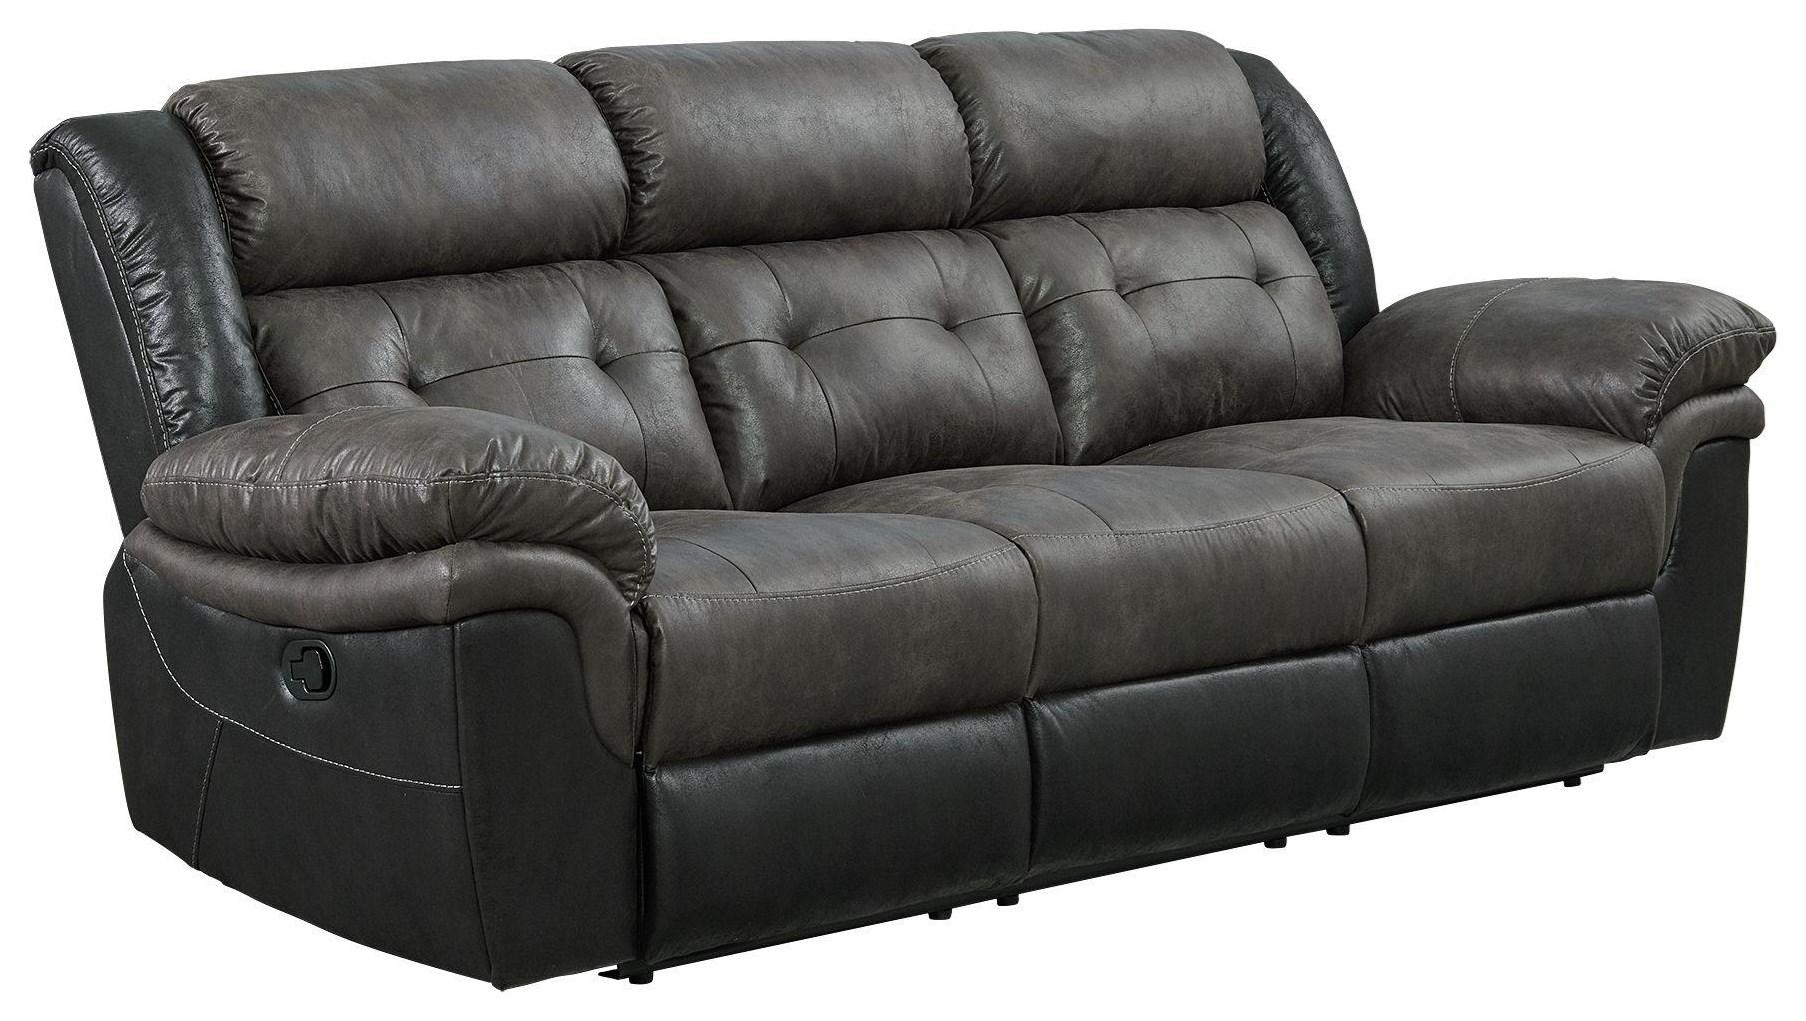 Sadler Motion Sofa by Elements International at Smart Buy Furniture